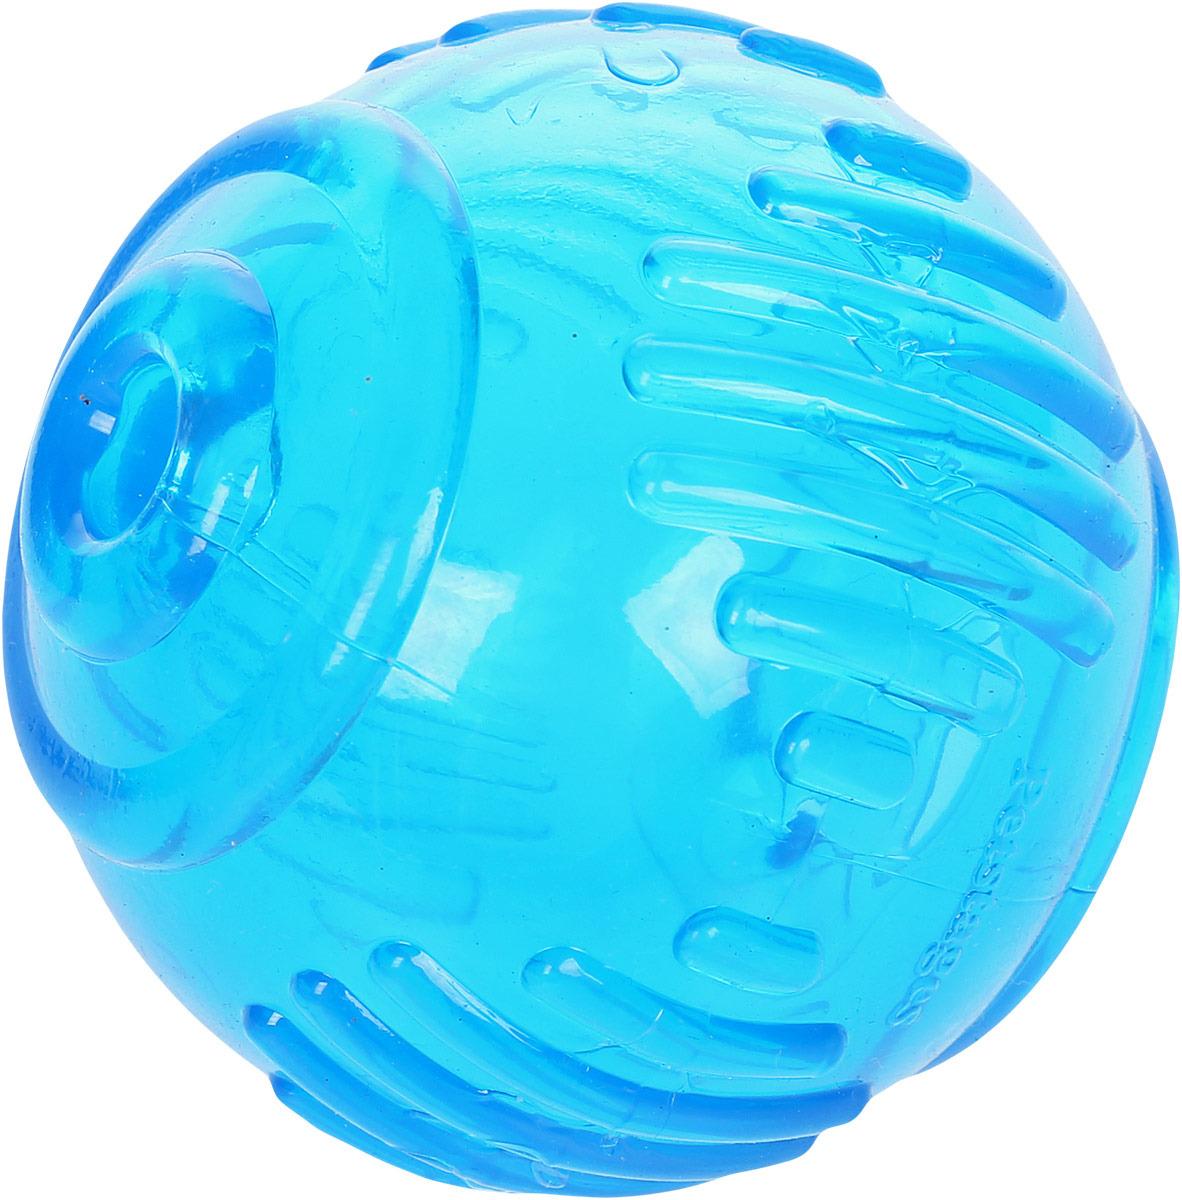 Игрушка для собак Petstages Orka. Теннисный мяч фишер fisher price игрушки животных познание детские игрушки мяч мяч мяч детские погремушки f0807